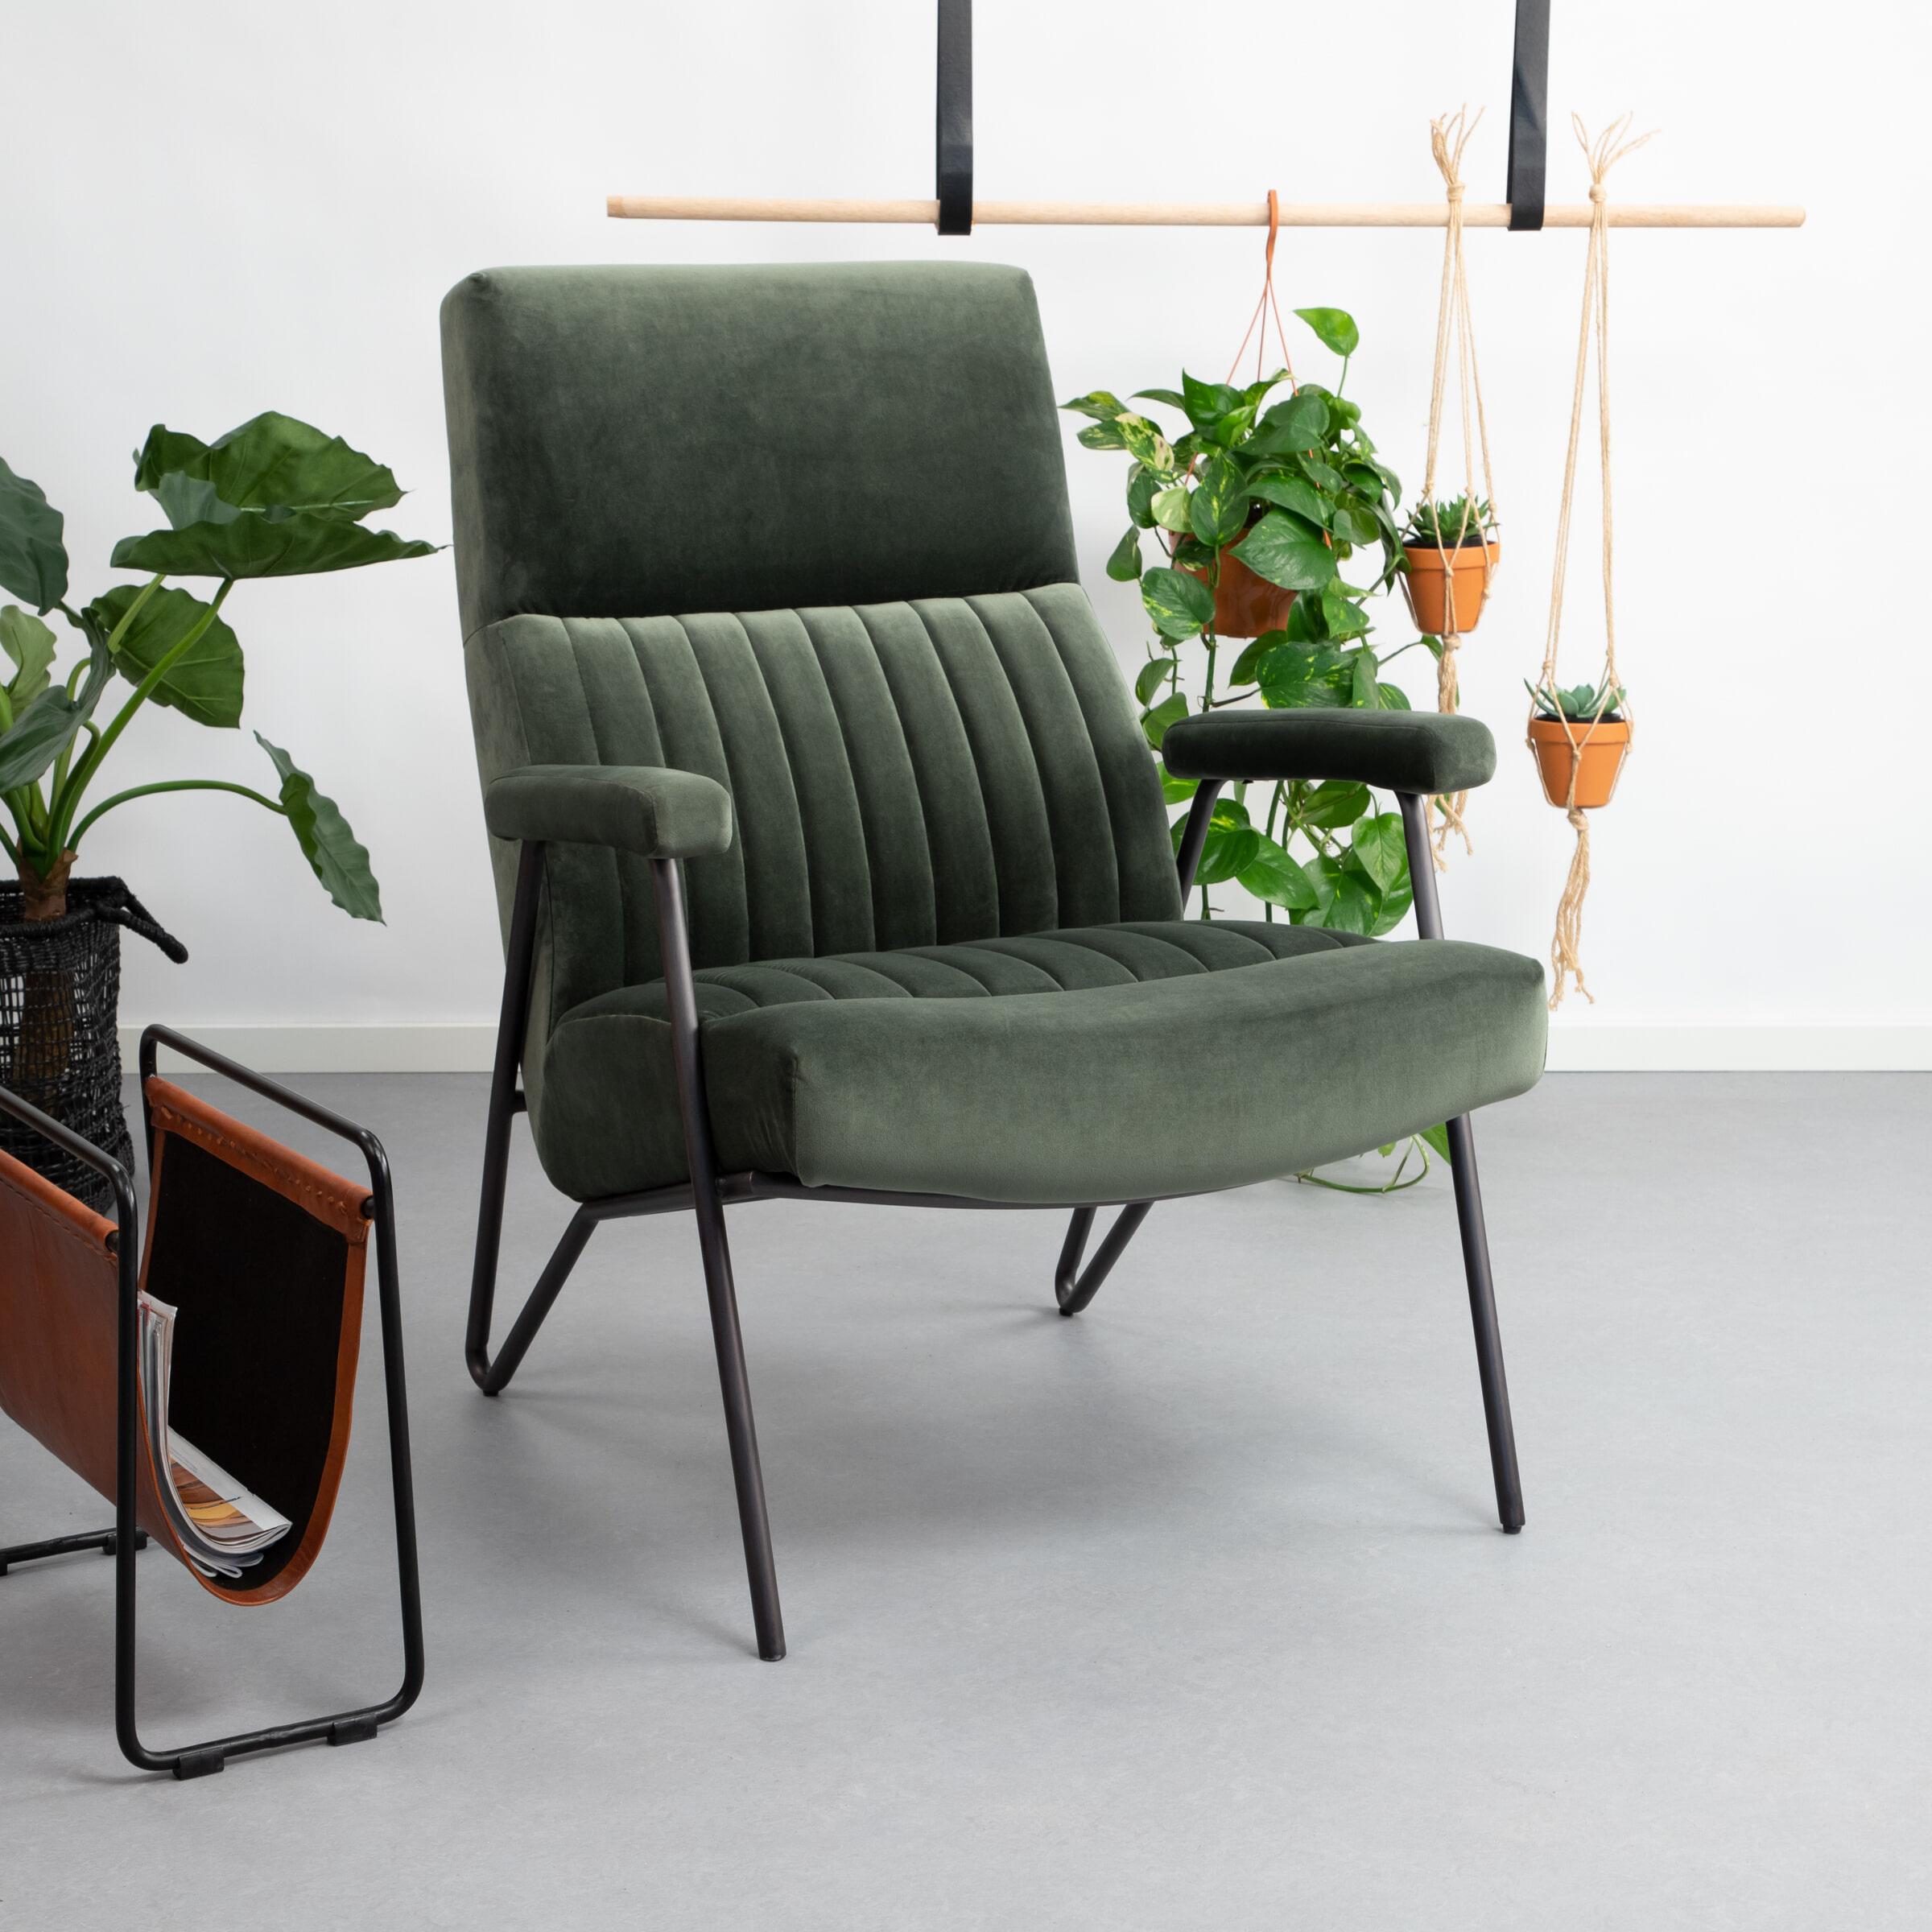 Sohome Fauteuil 'Suzanne' Velvet, kleur groen